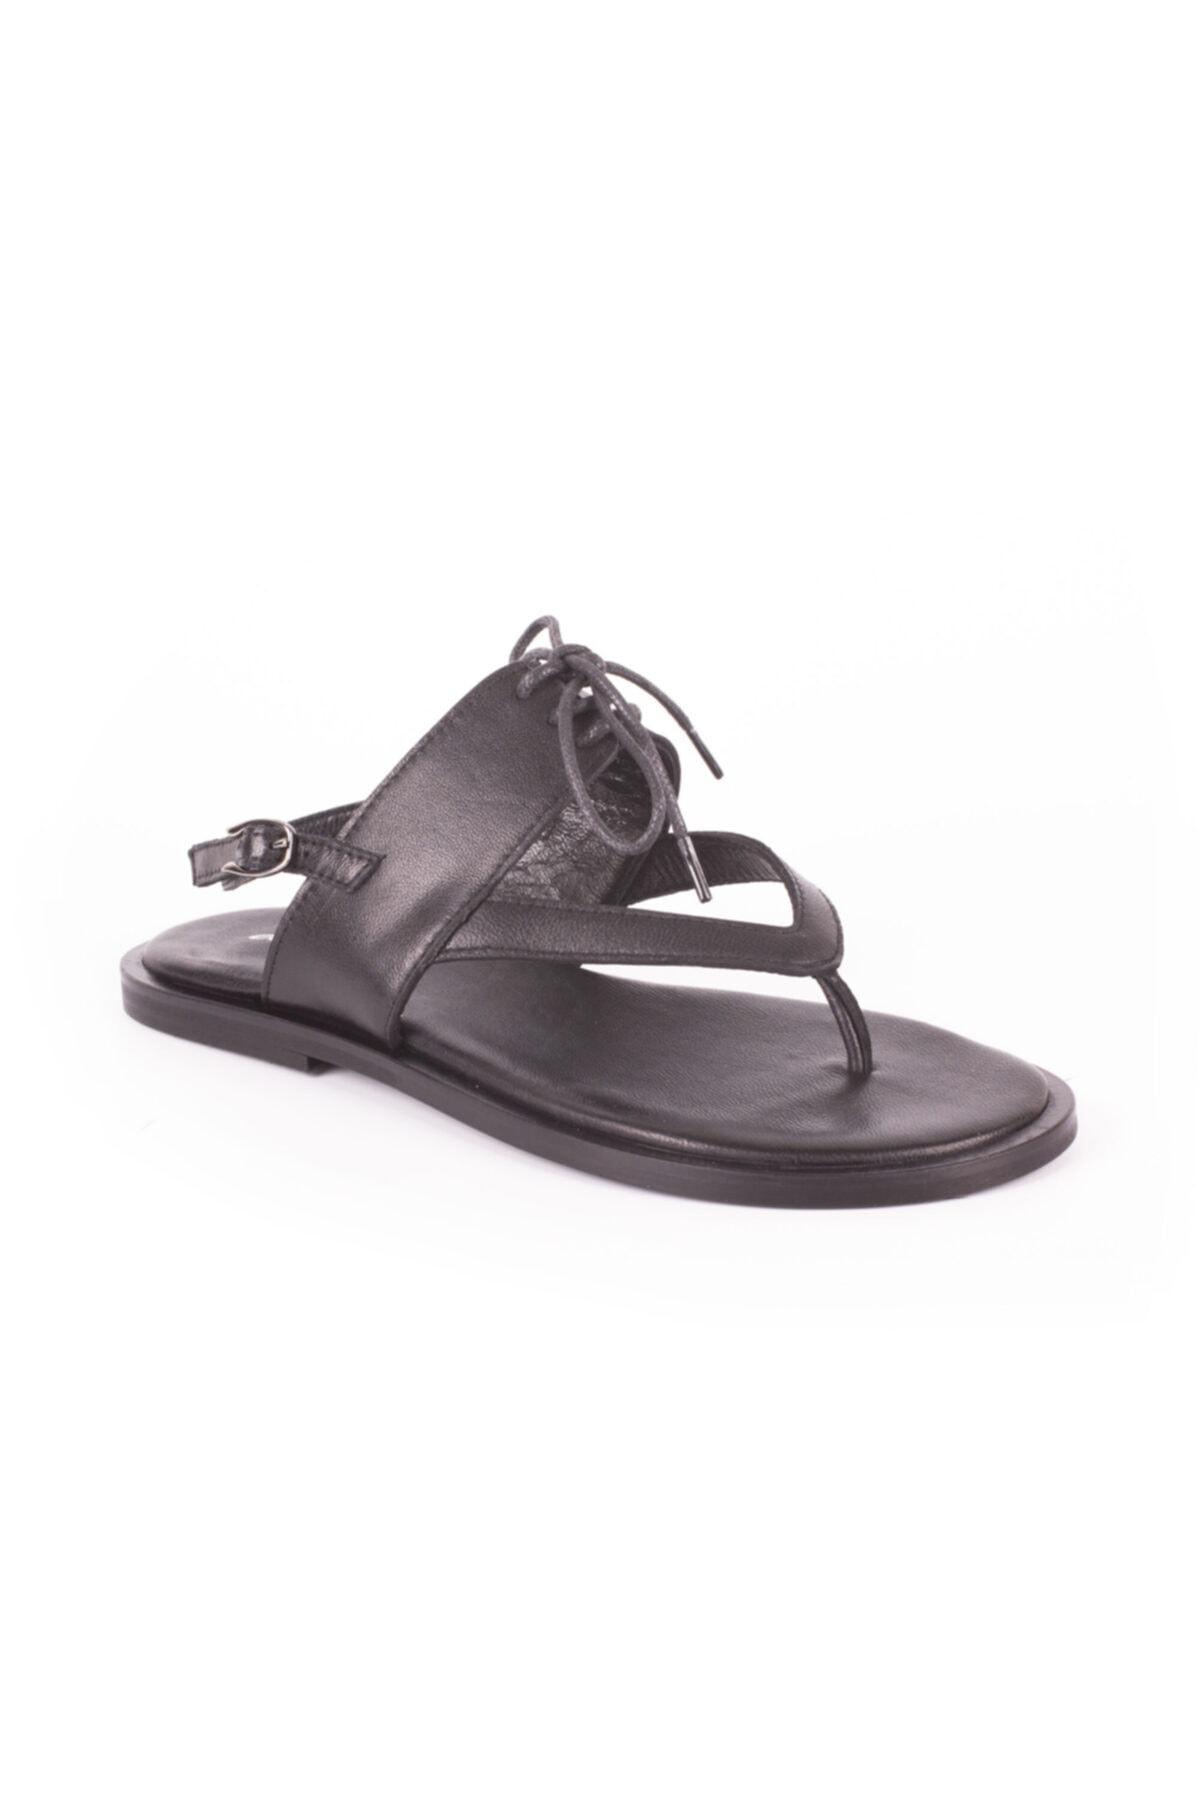 DİVUM Siyah Deri Sandalet 2